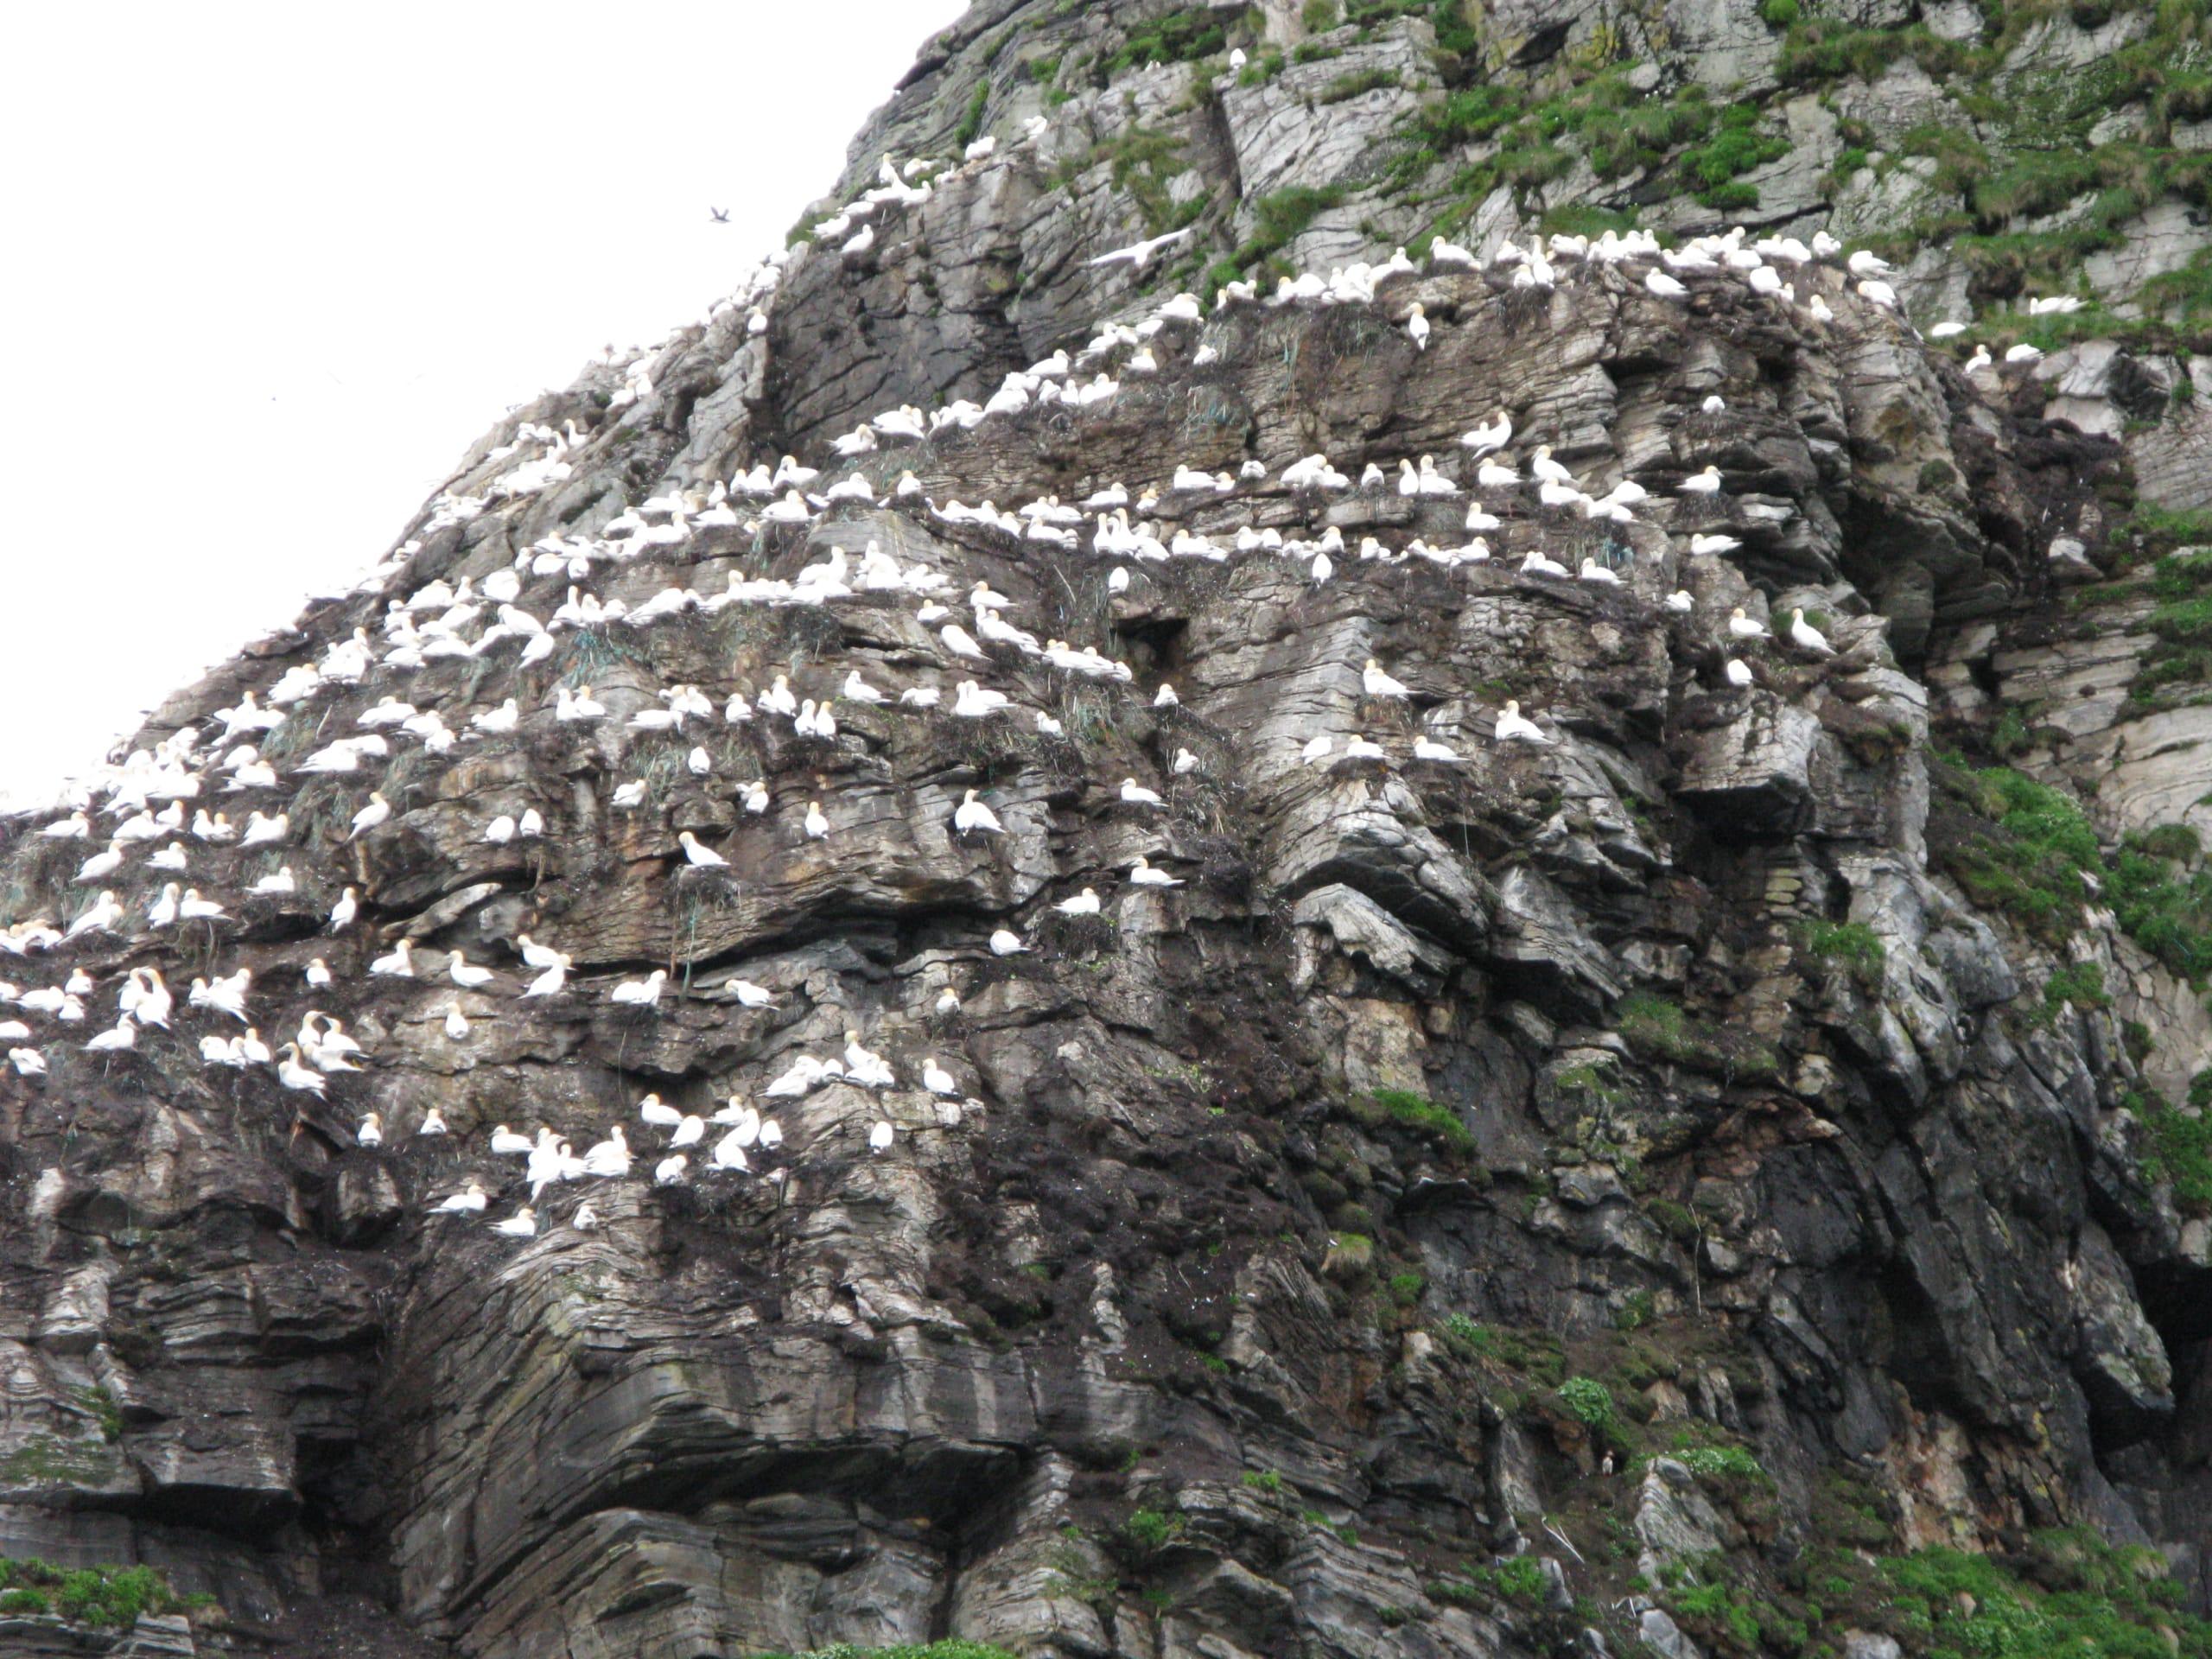 Gjesvær bird mountain